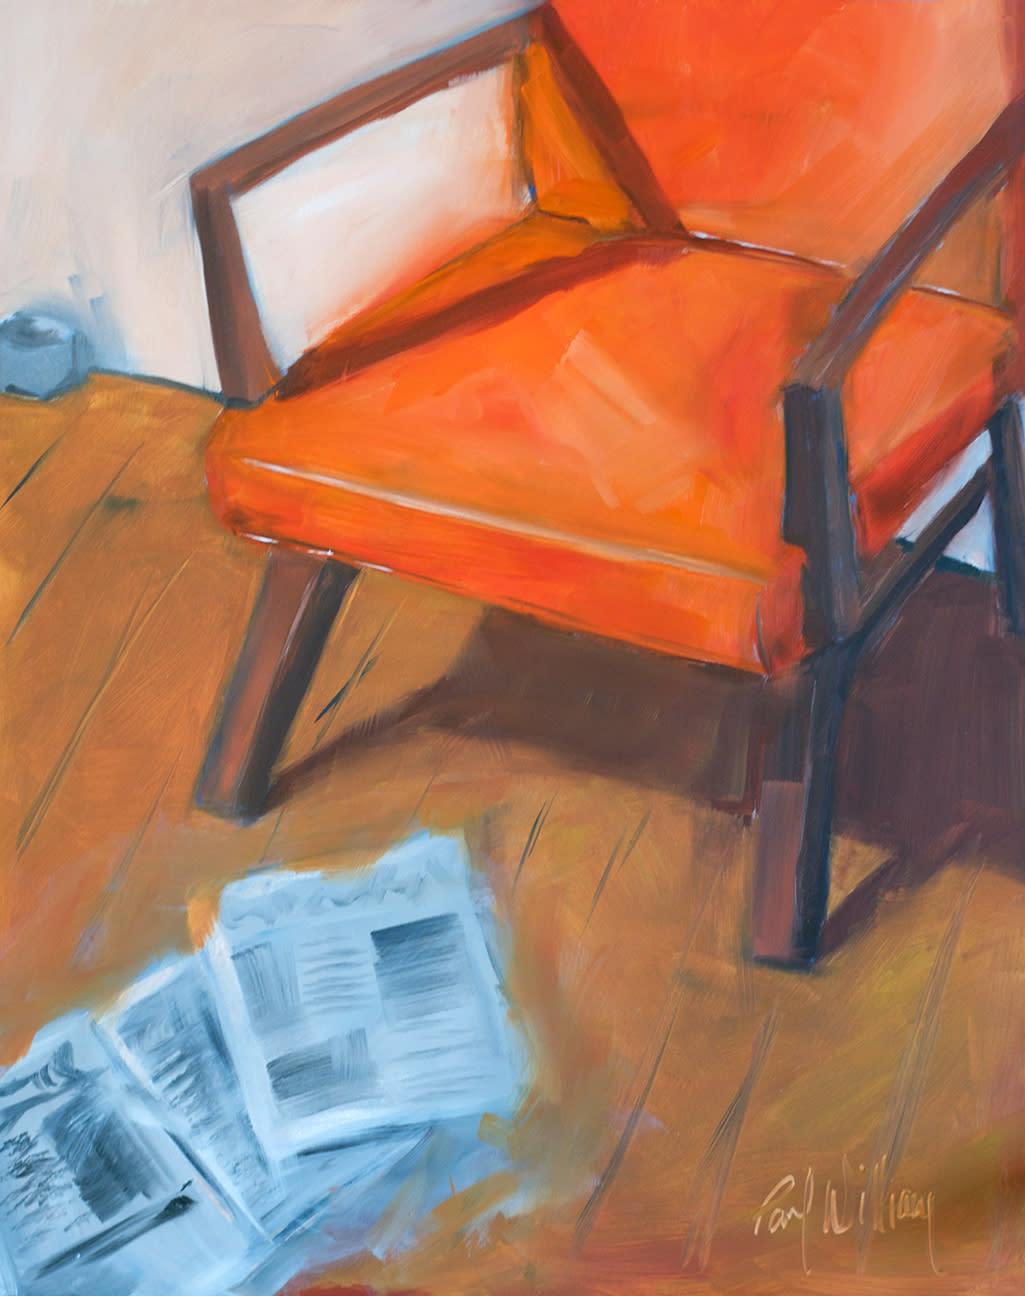 Orange chair by paul william artist riqa0c